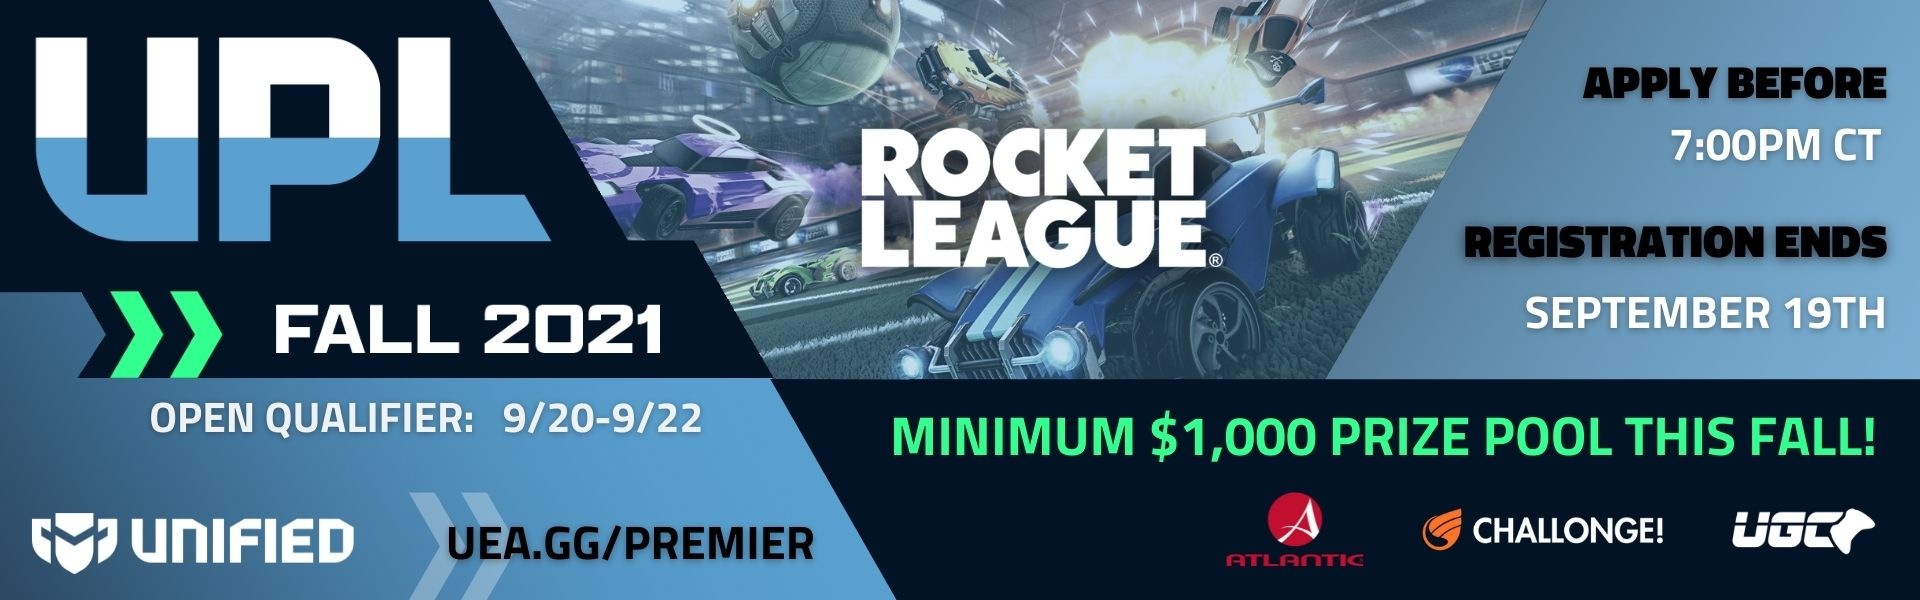 Unified Premier League - Rocket League - Fall 2021